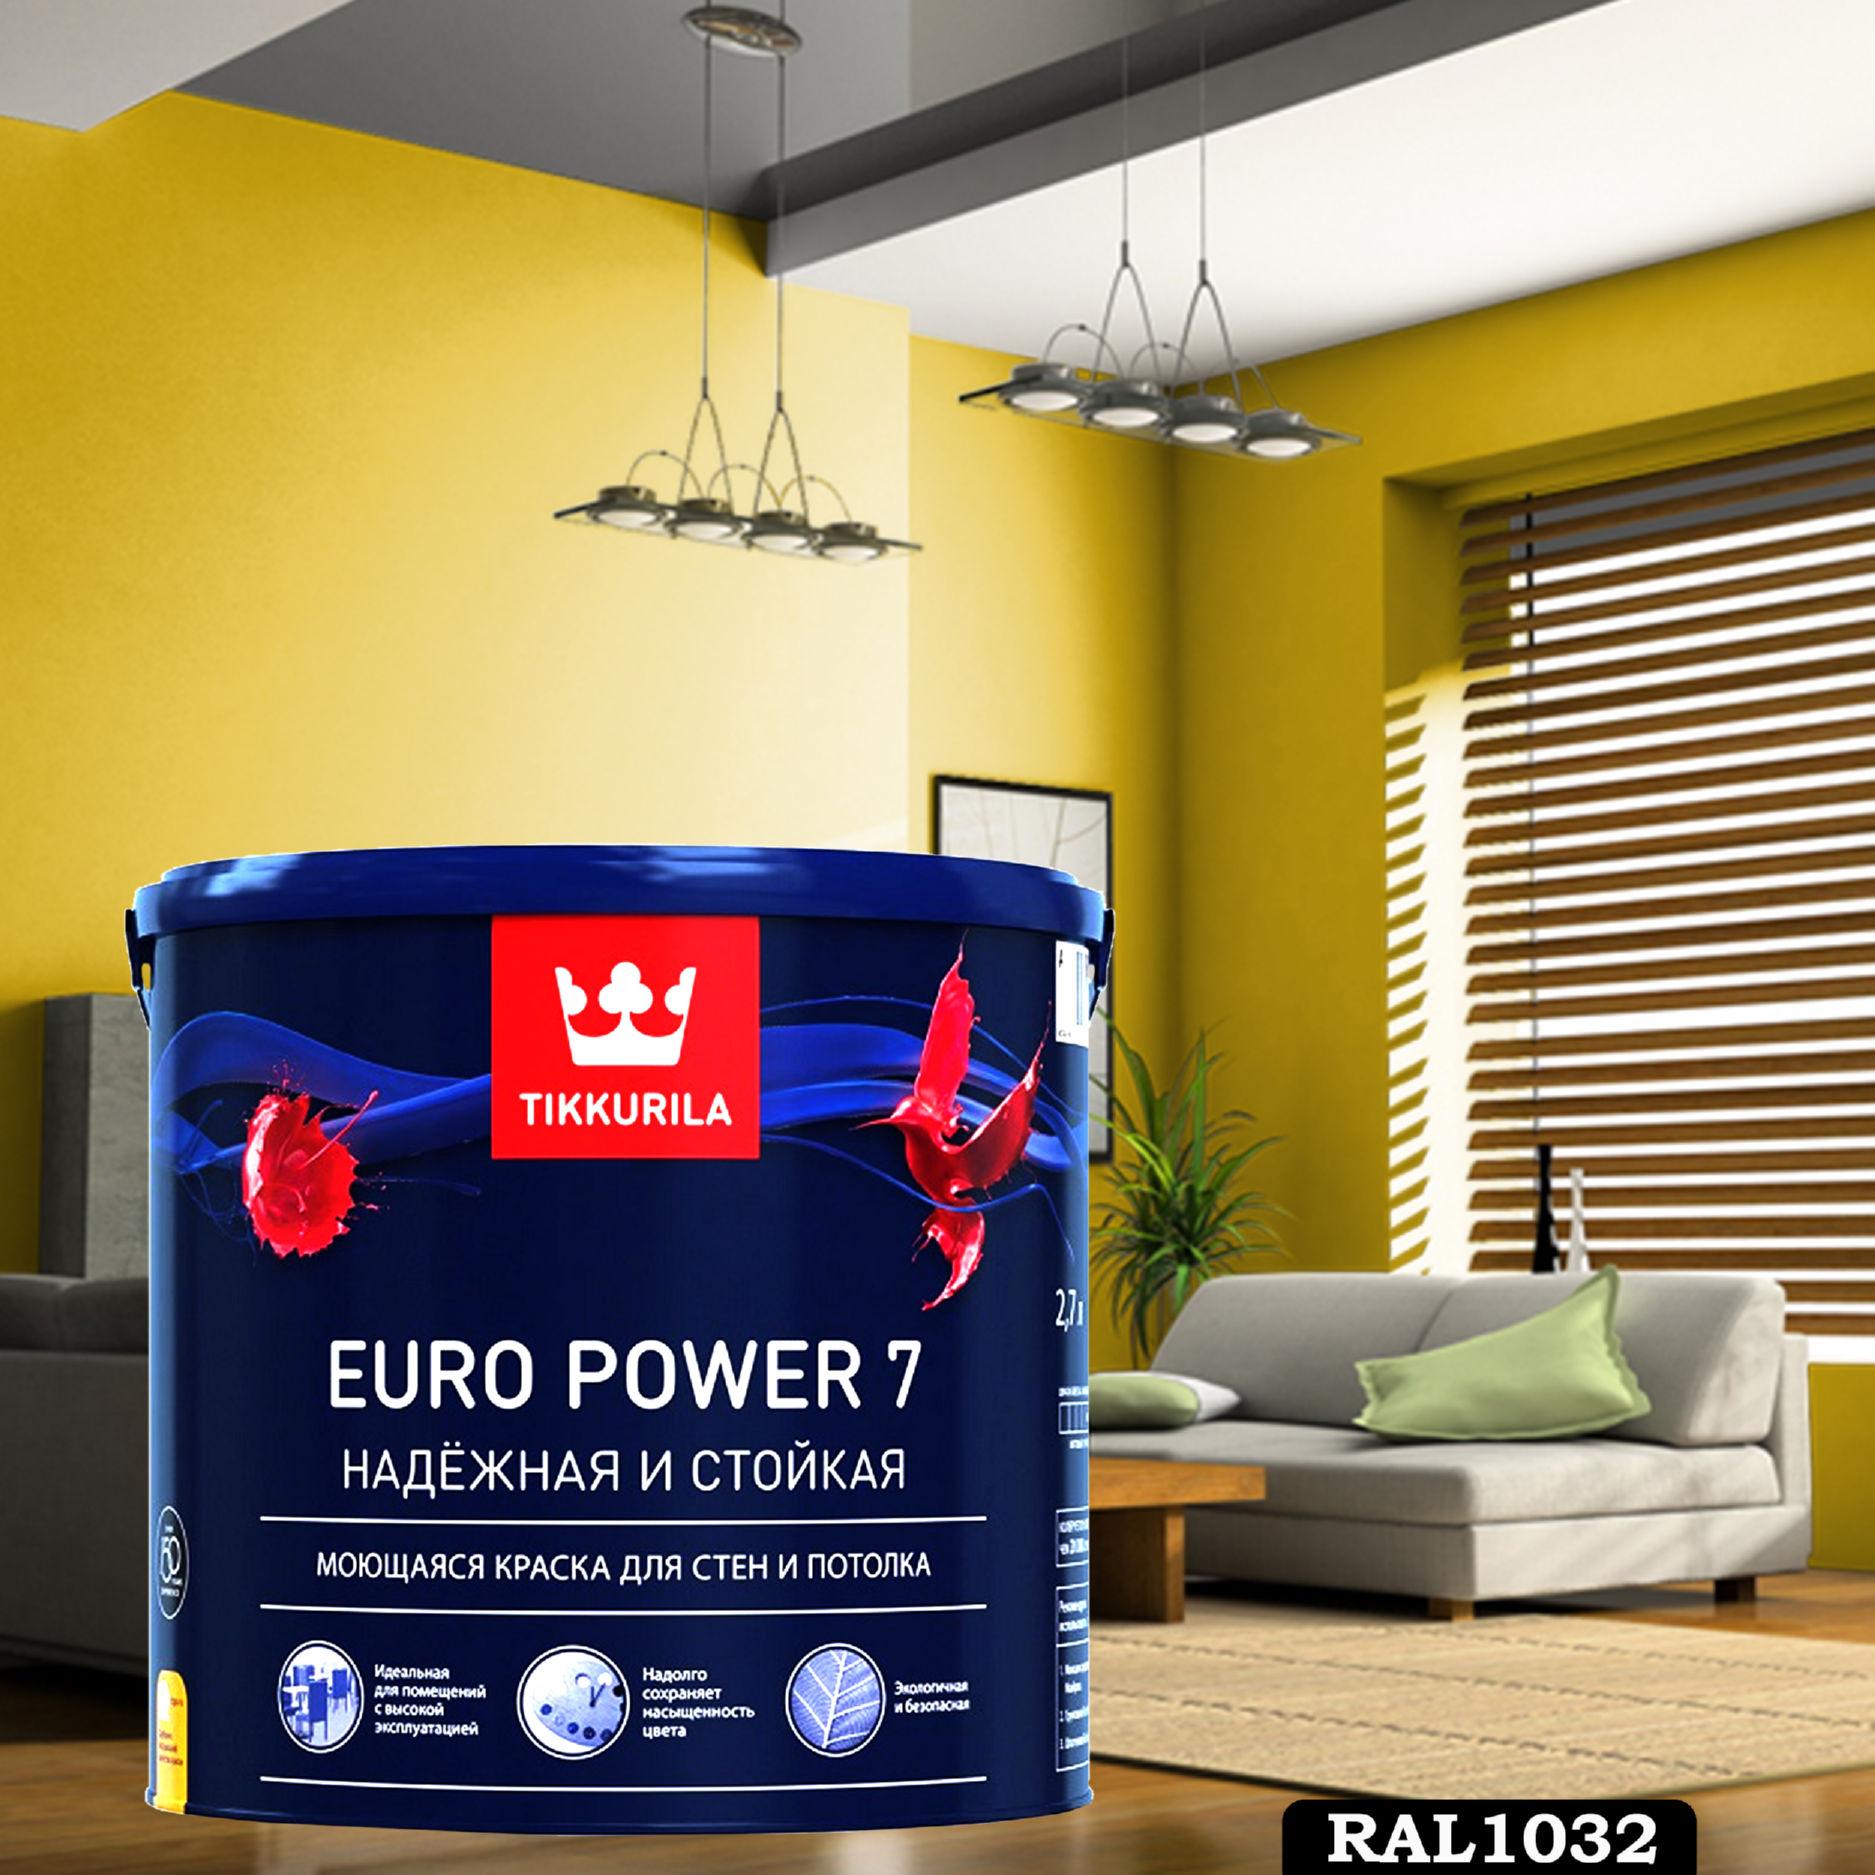 Фото 24 - Краска TIKKURILA Euro Power 7,  RAL 1032 Жёлтый-ракитник, латексная моющаяся матовая интерьерная, 9 л.